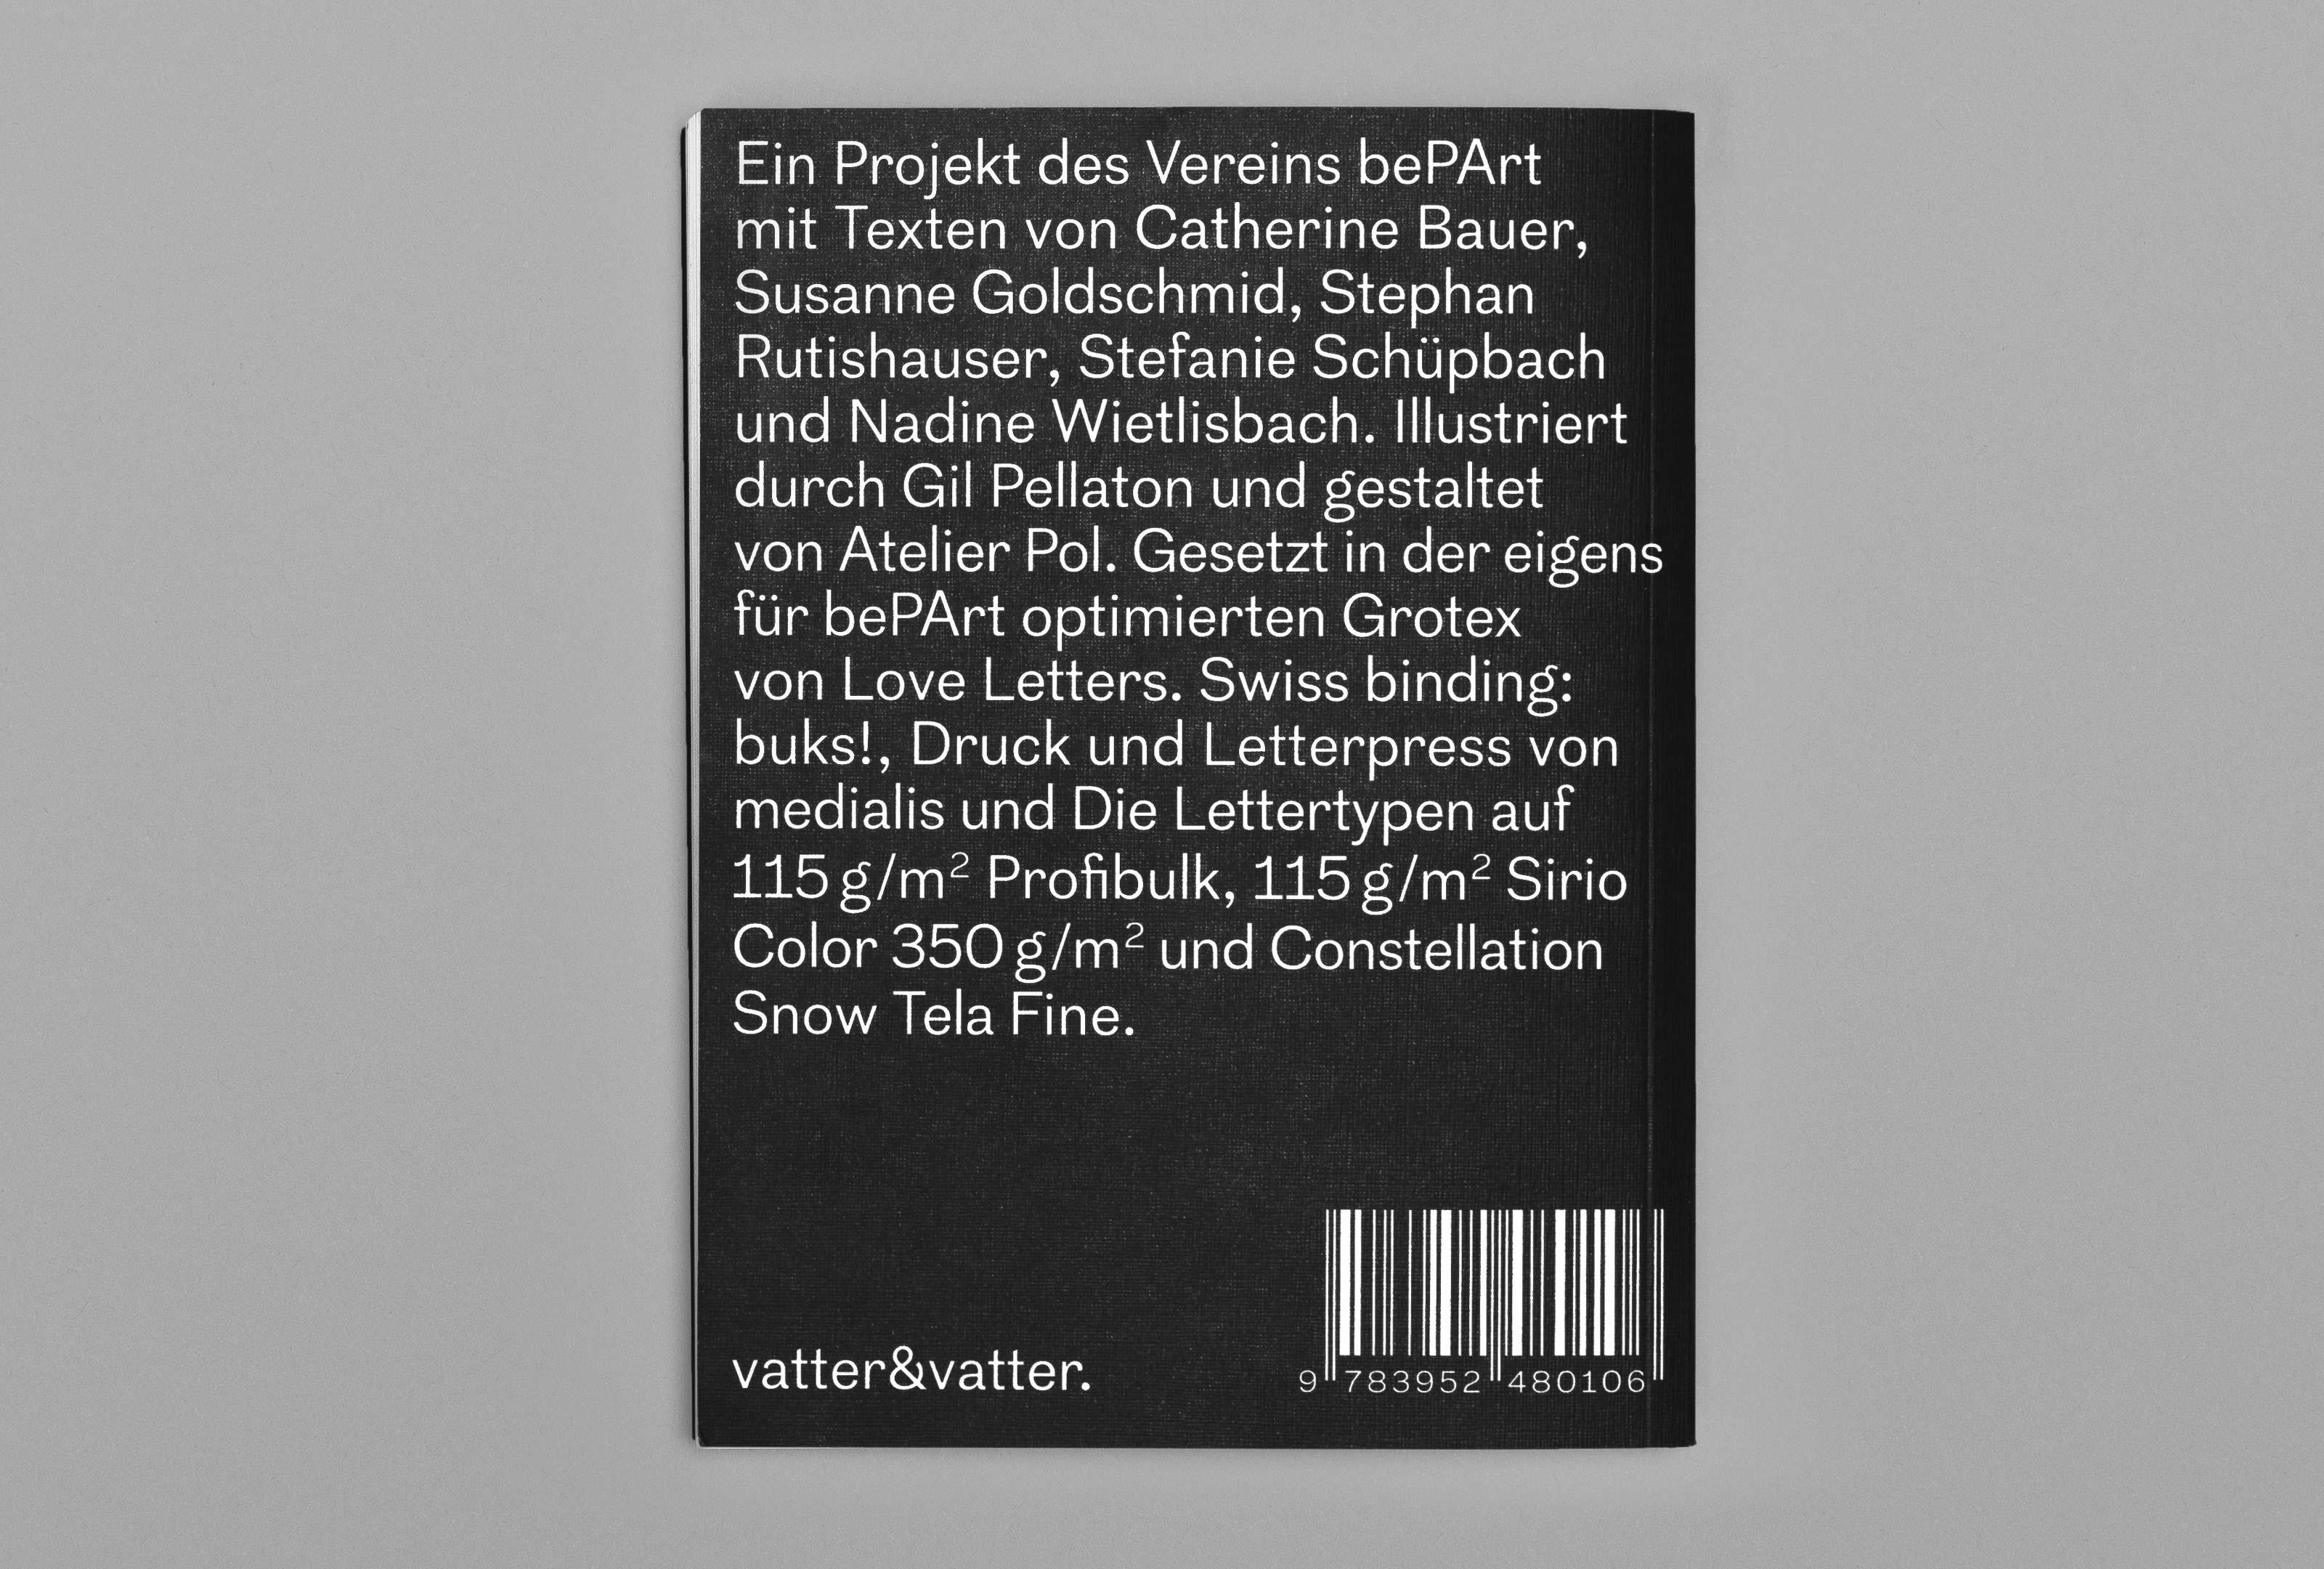 bePArt – Kunst im öffentlichen Raum Bern, cover back ©Atelier Pol × Barbara Hess